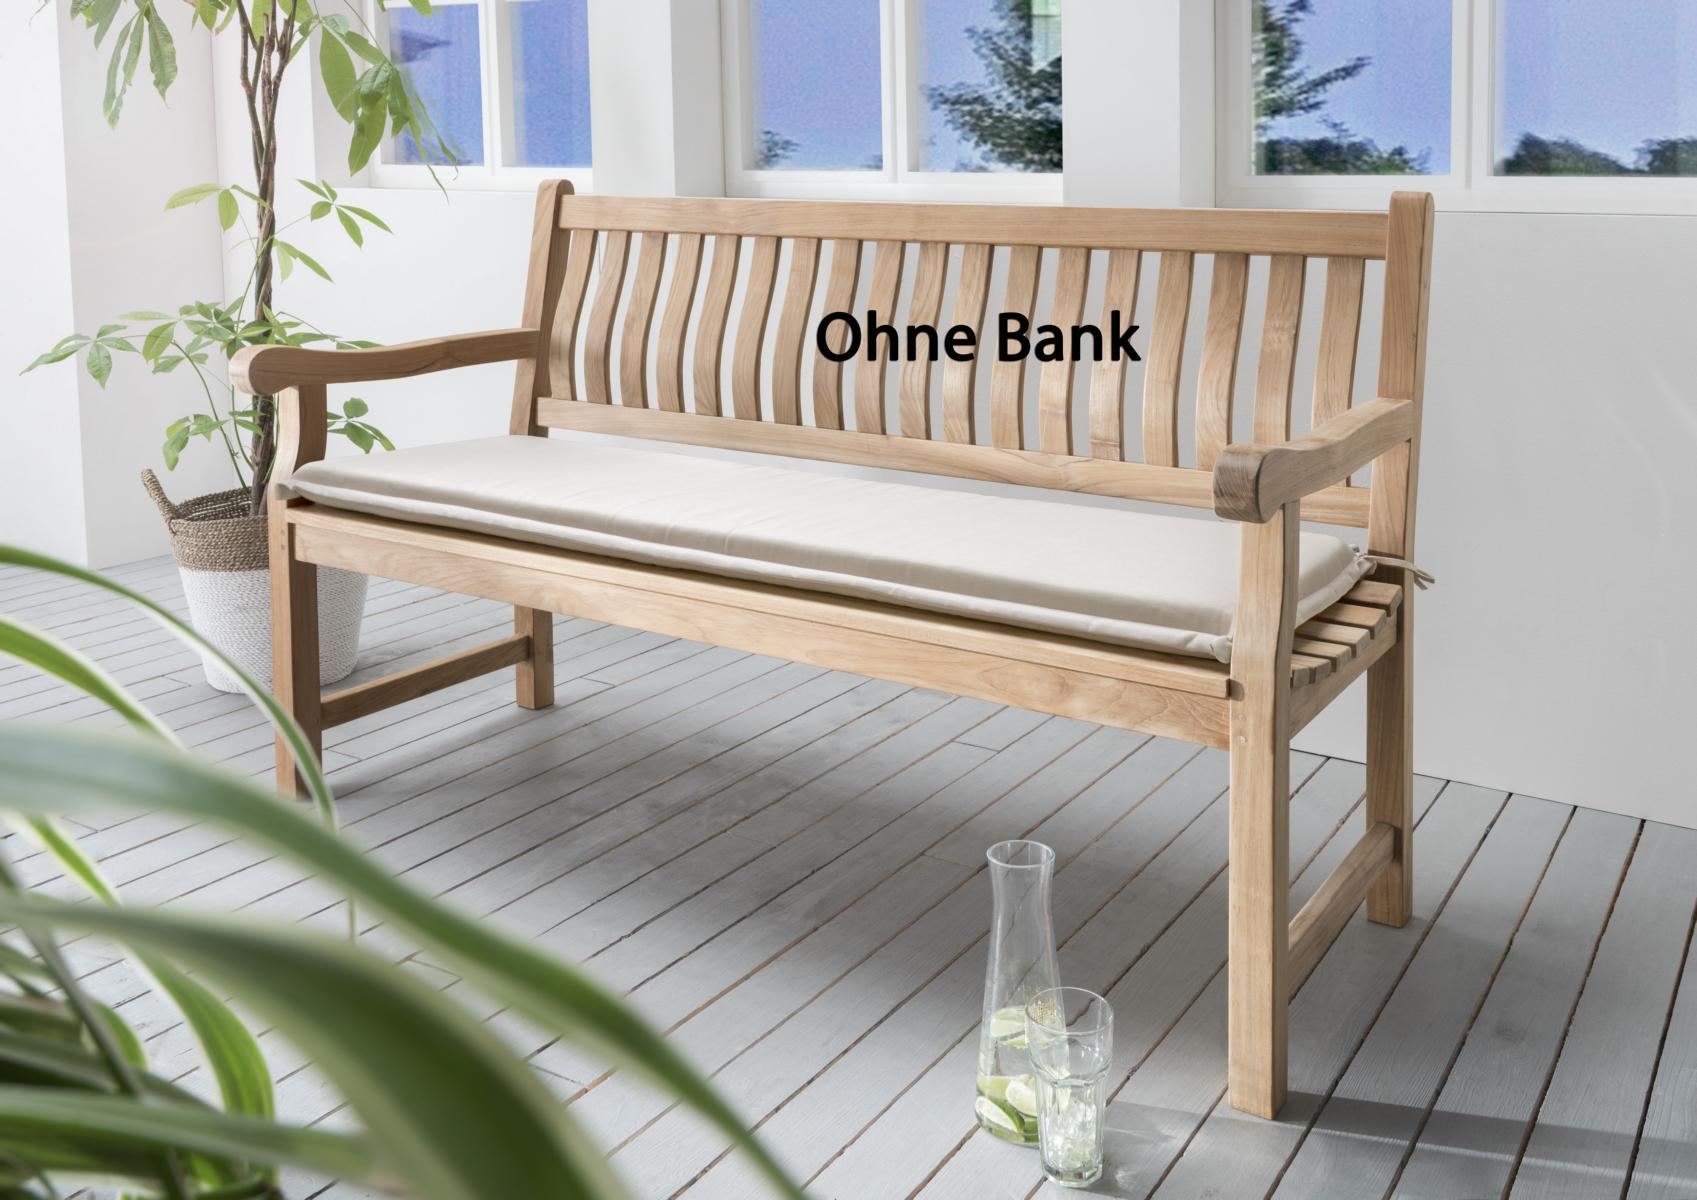 Bankauflage Bankkissen Bankpolster Sitzpolster Gartenbank Auflage Polsterauflage